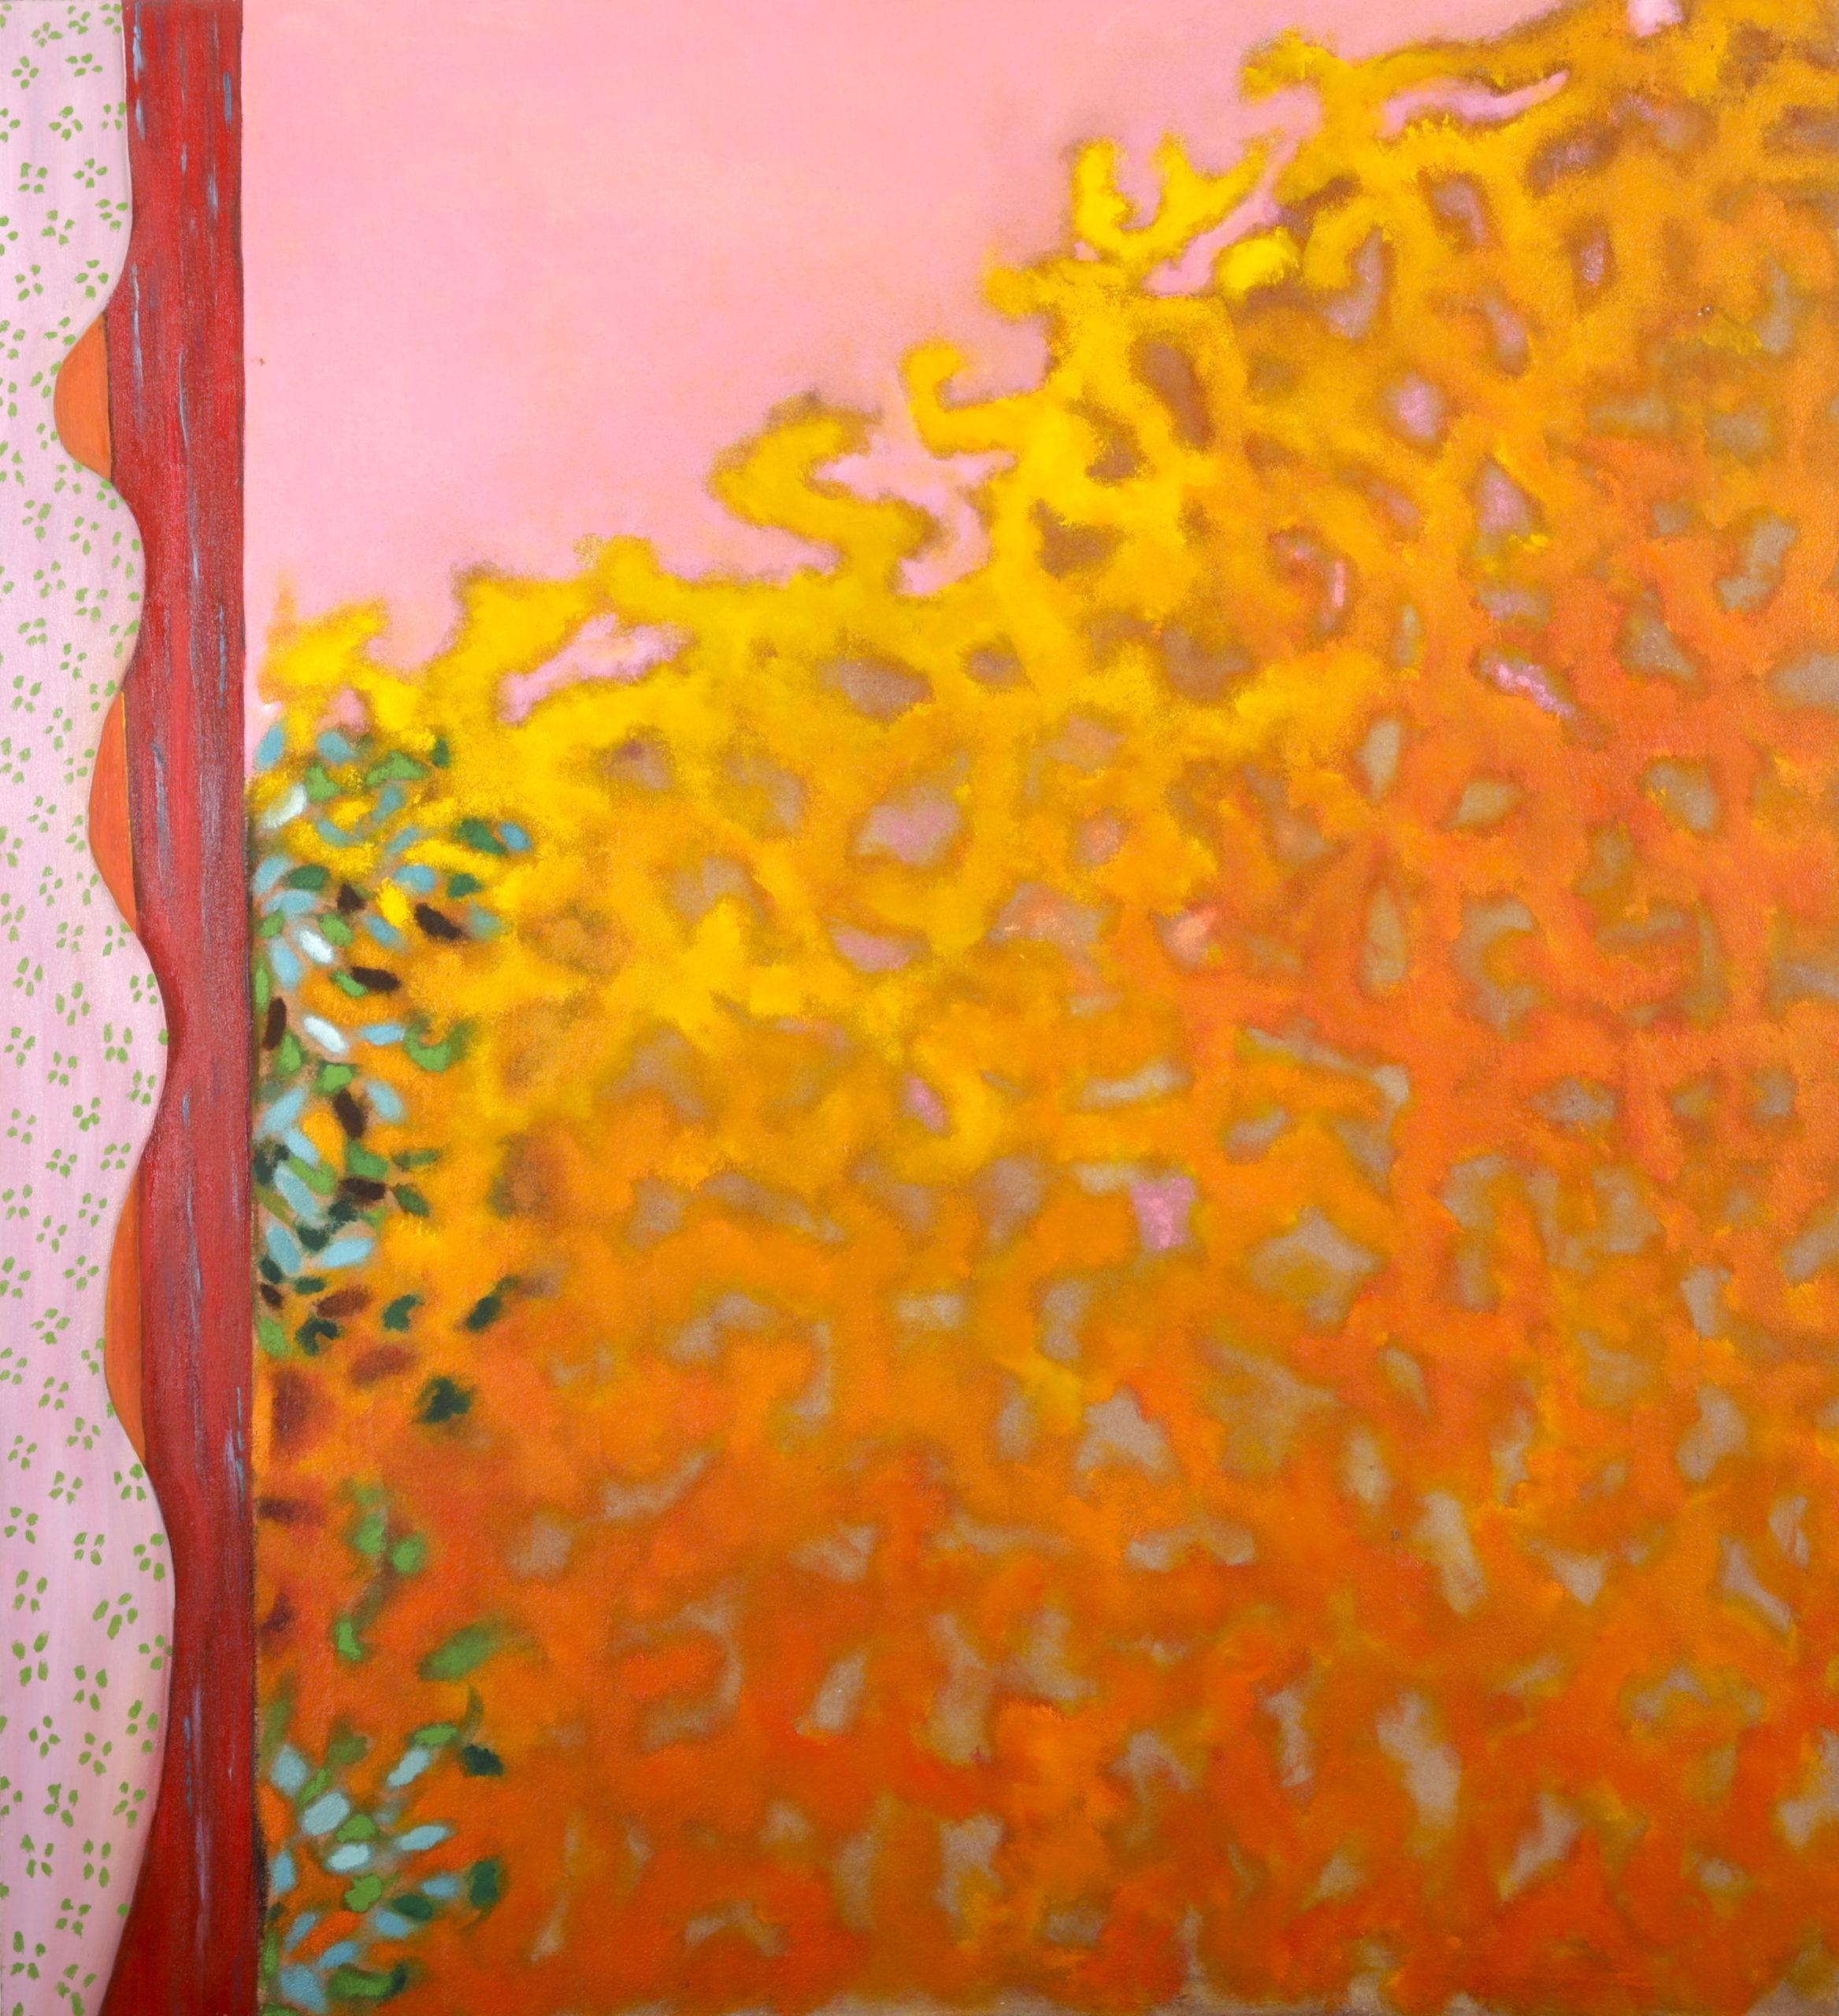 Le rideau, 1985, huile sur toile 120 X 120 cm